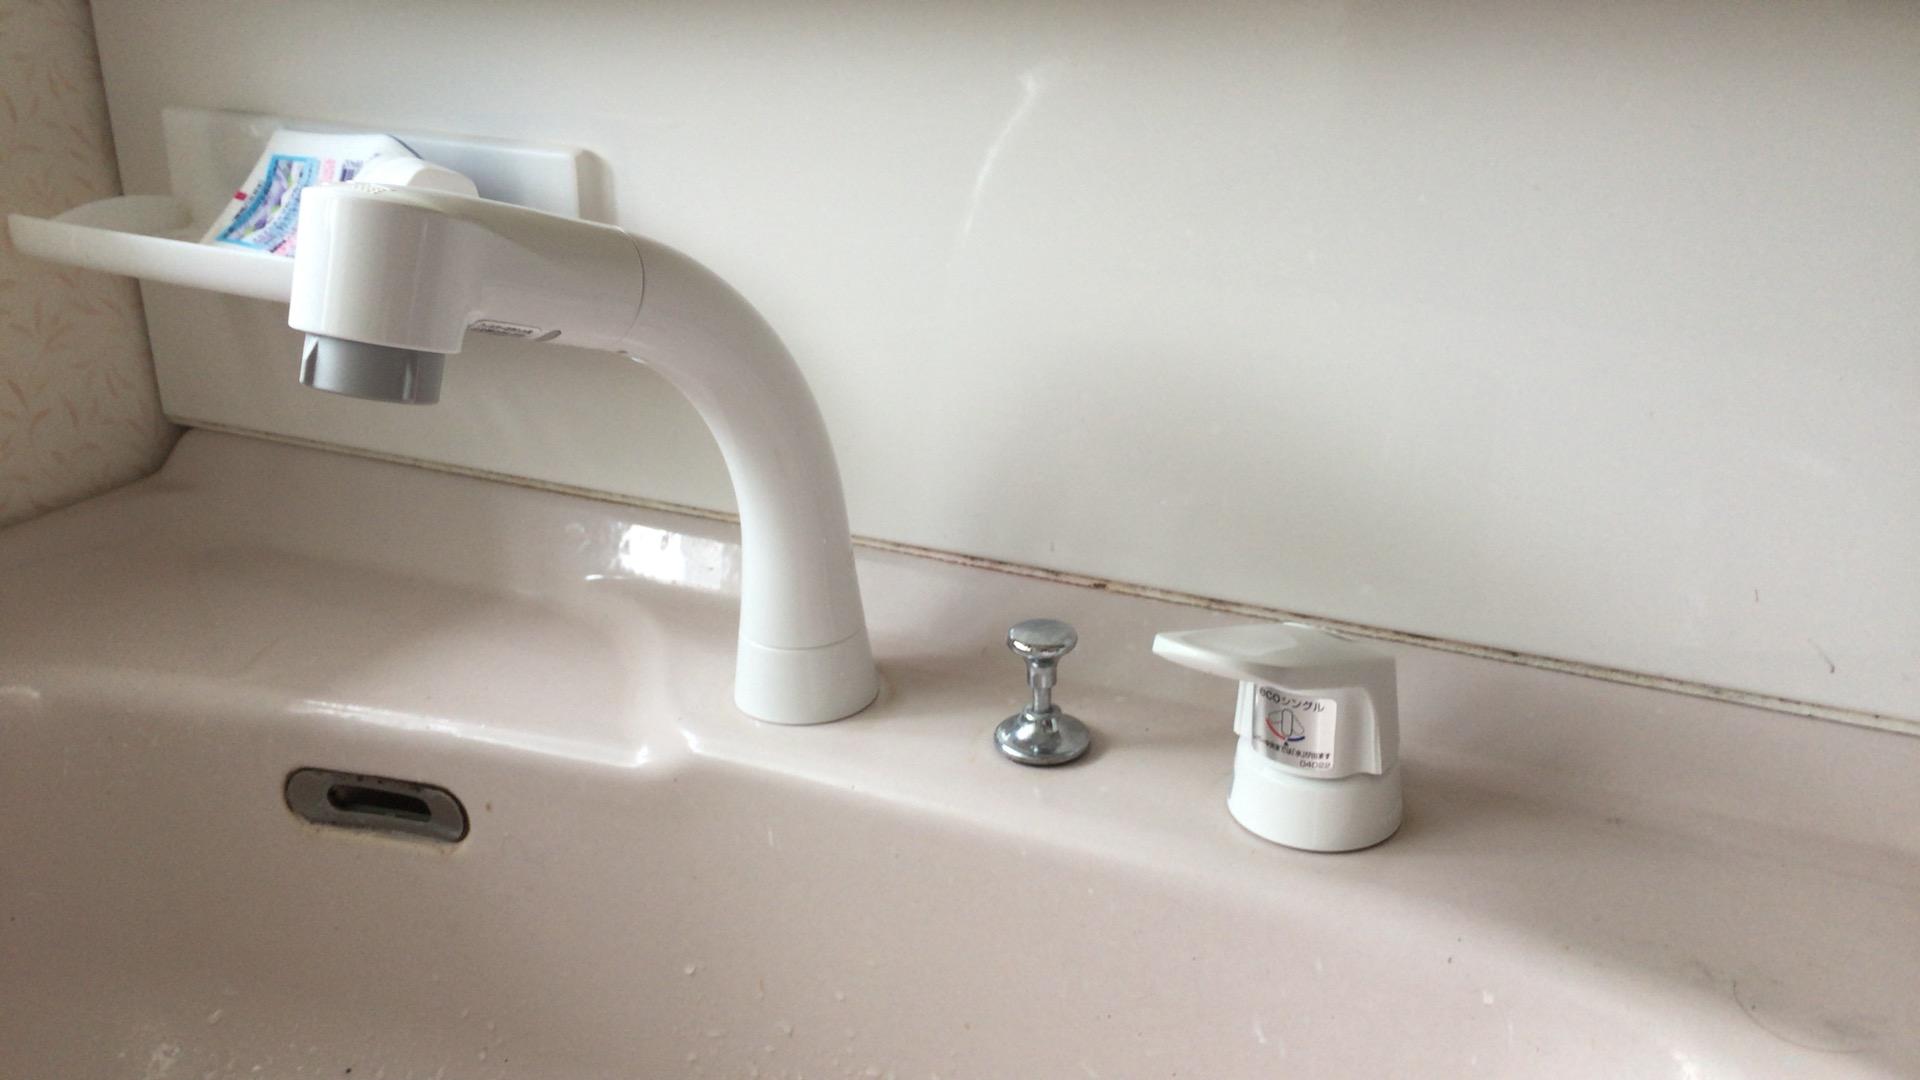 大竹市 洗面シャワー蛇口交換